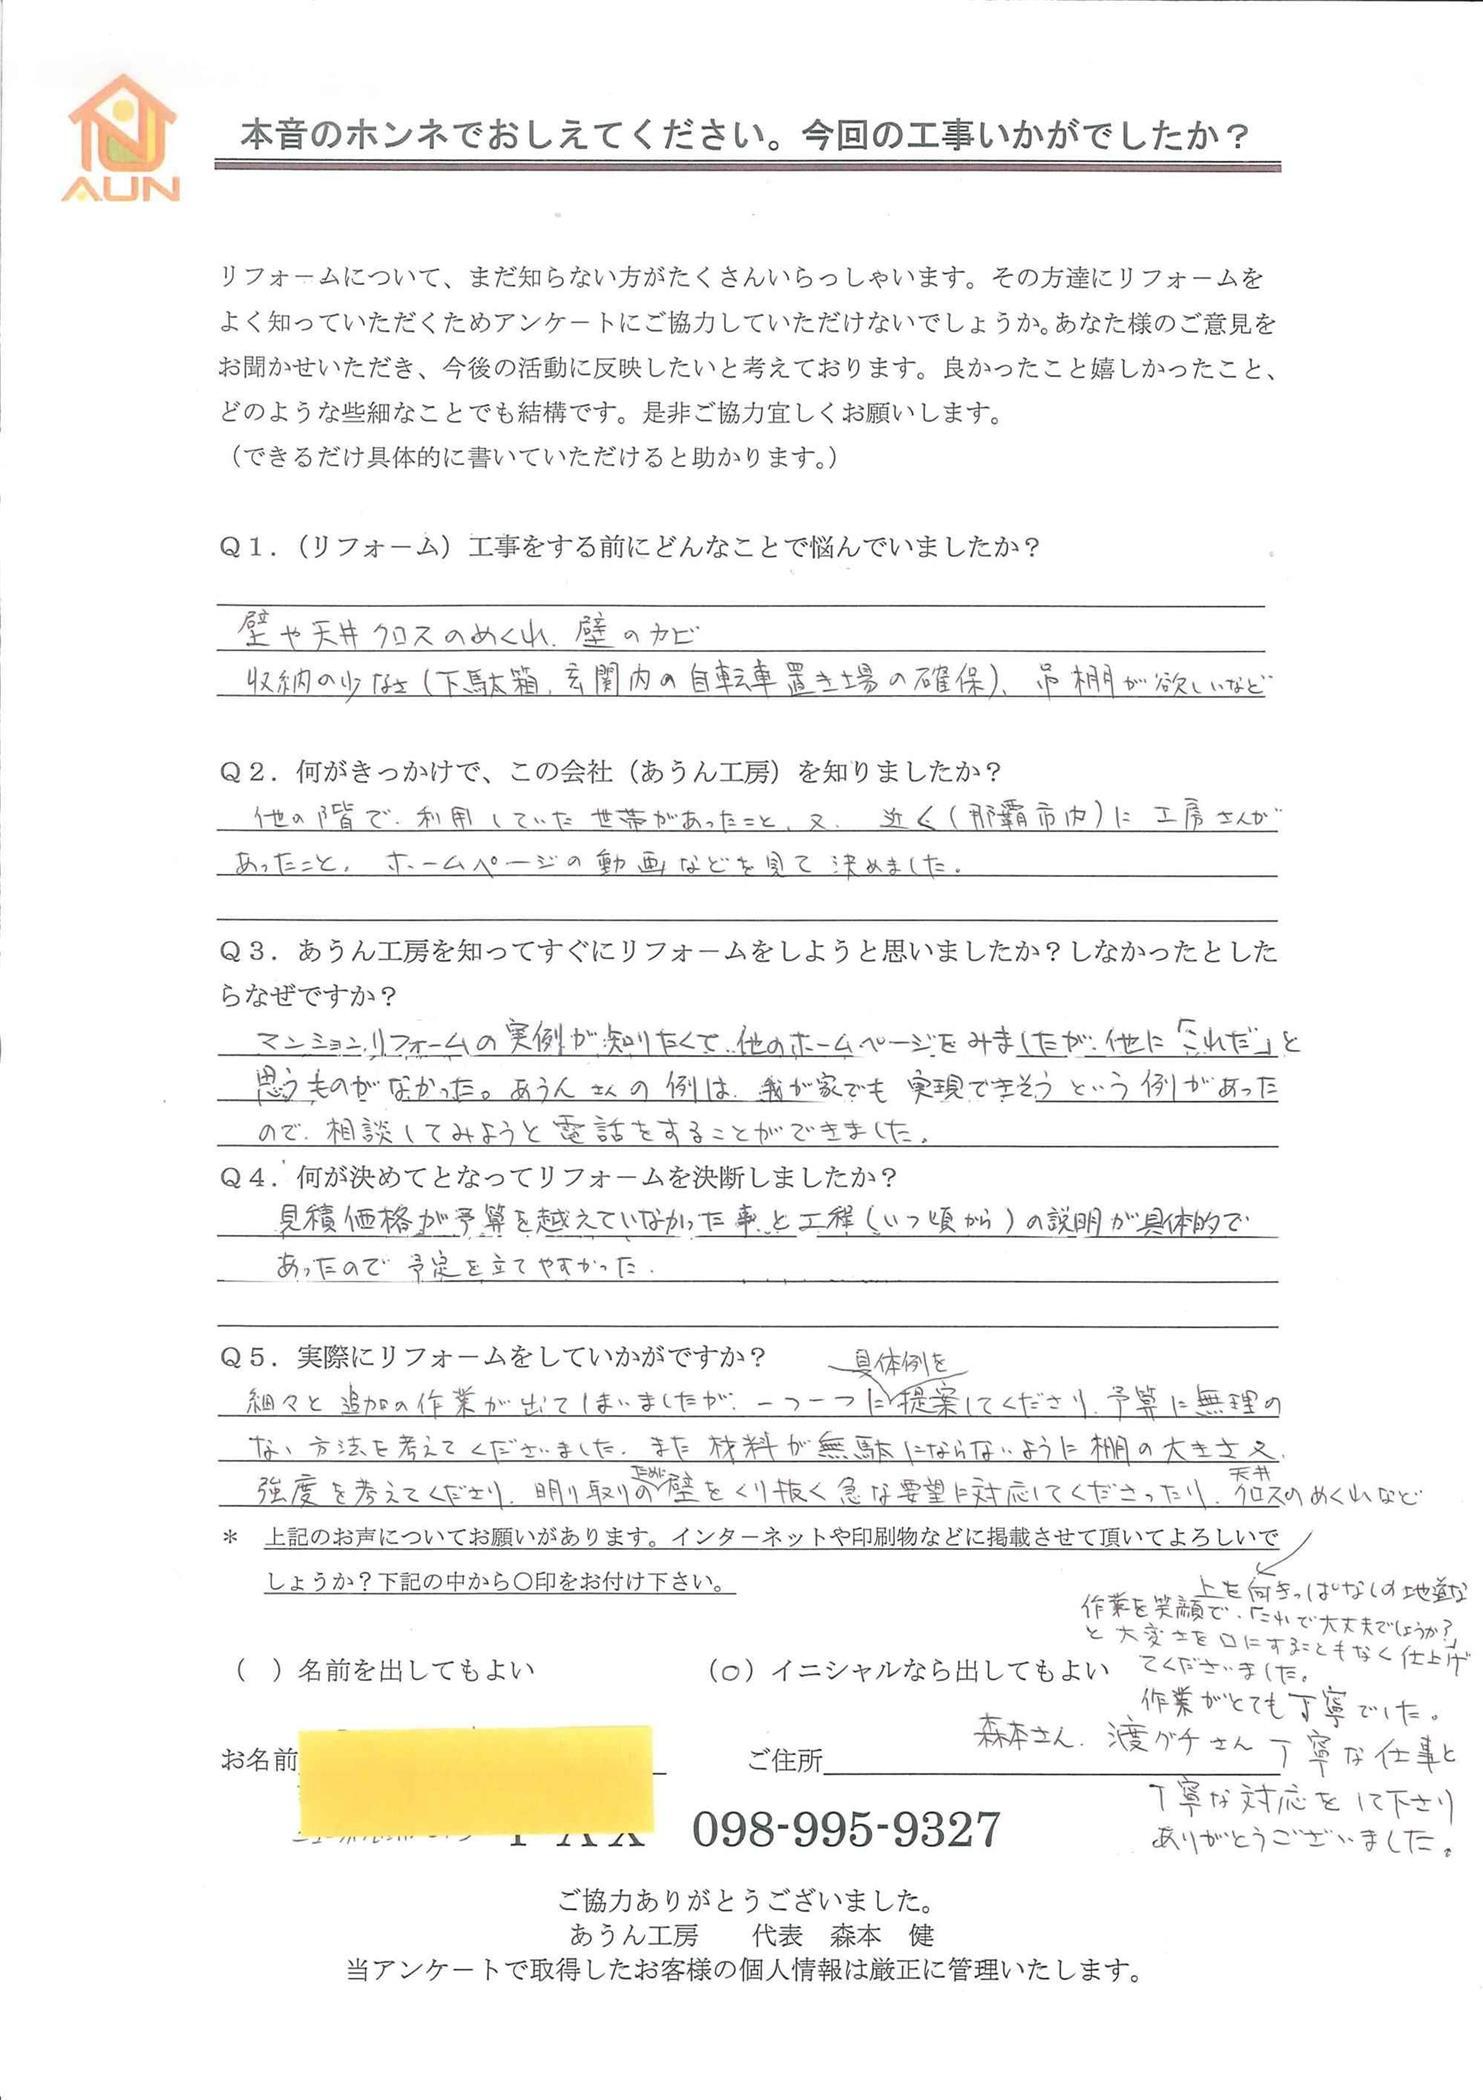 沖縄・那覇のリフォーム 実際のアンケートの画像:説明が具体的であったので予定が立てやすかった